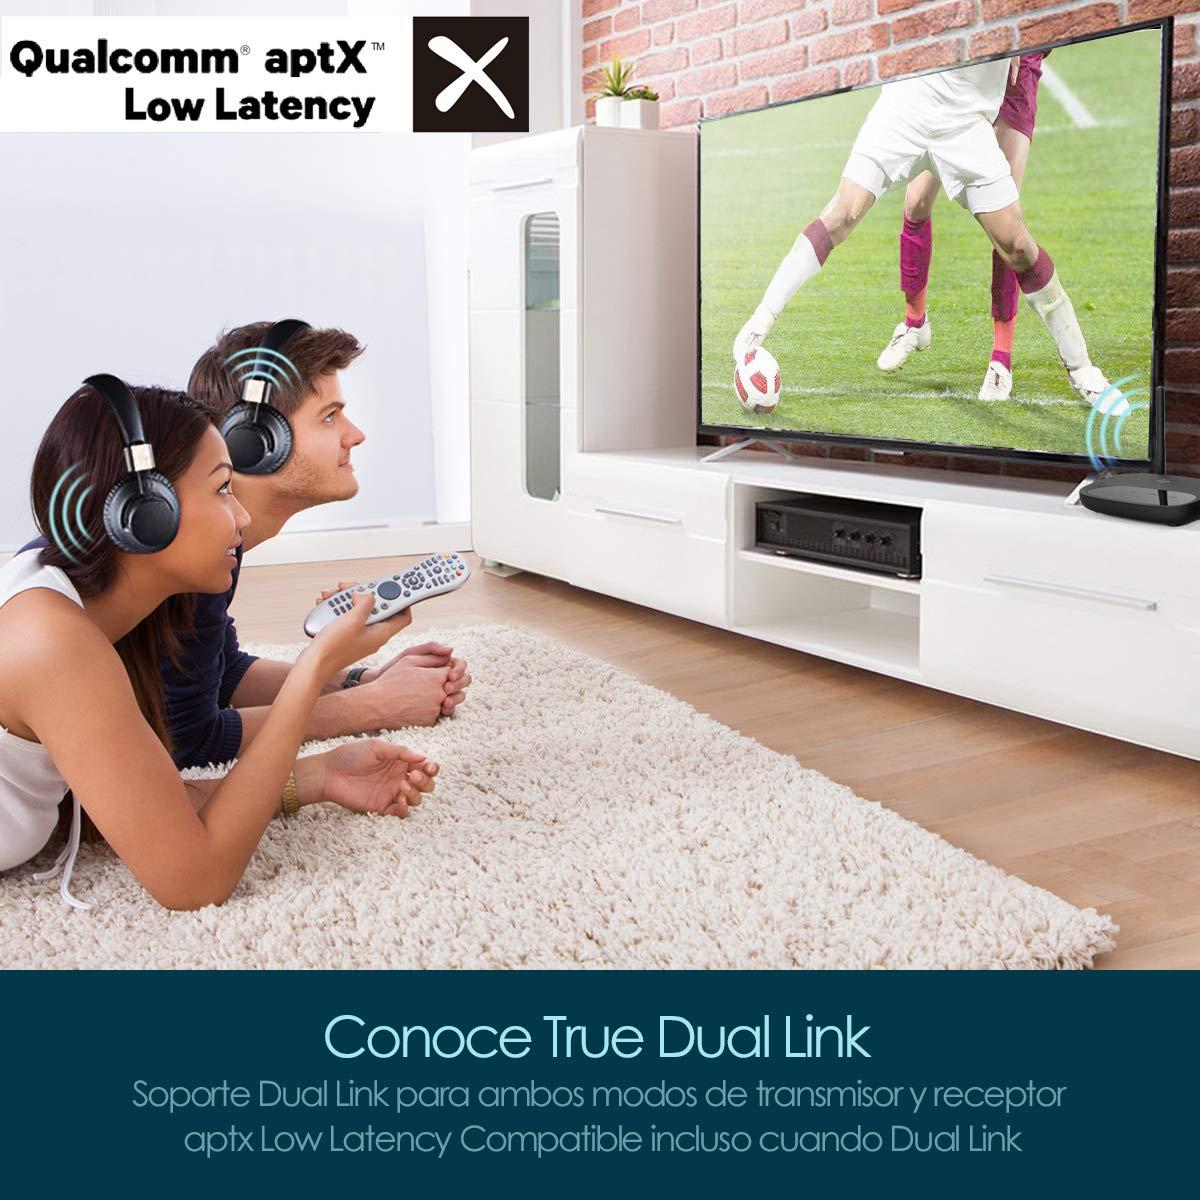 Transmisor Bluetooth,VIFLYKOO 50M High Range 3 en 1 Adaptador Bluetooth para Auriculares y Altavoz, aptX Baja latencia en Dual Link, Par 2 en Modo TX y RX, ...